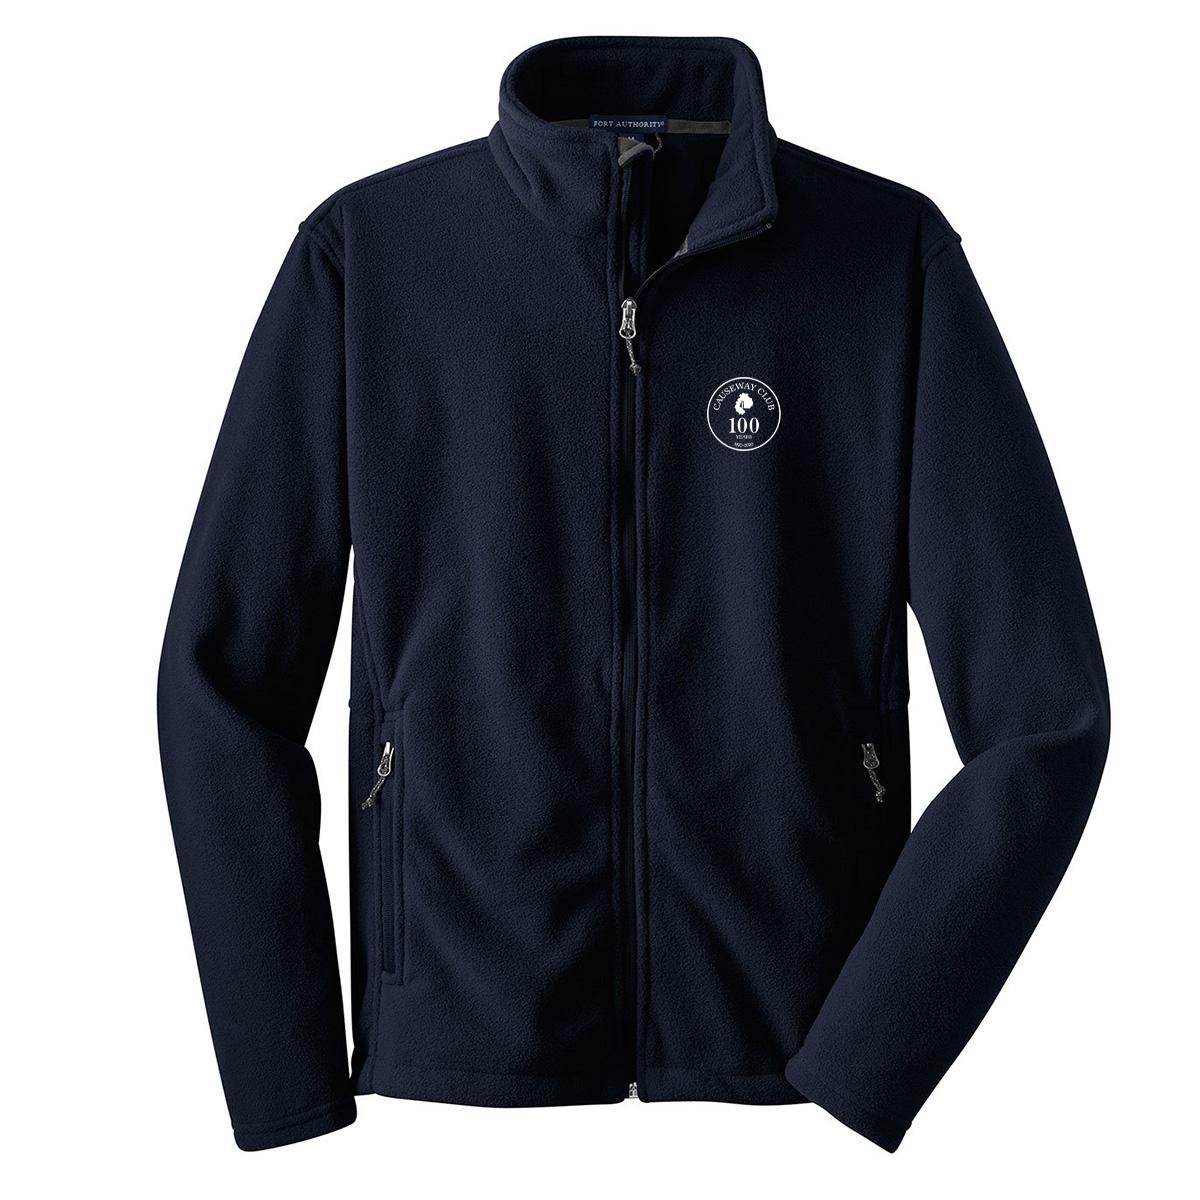 Causeway Club - Men's Value Fleece Jacket